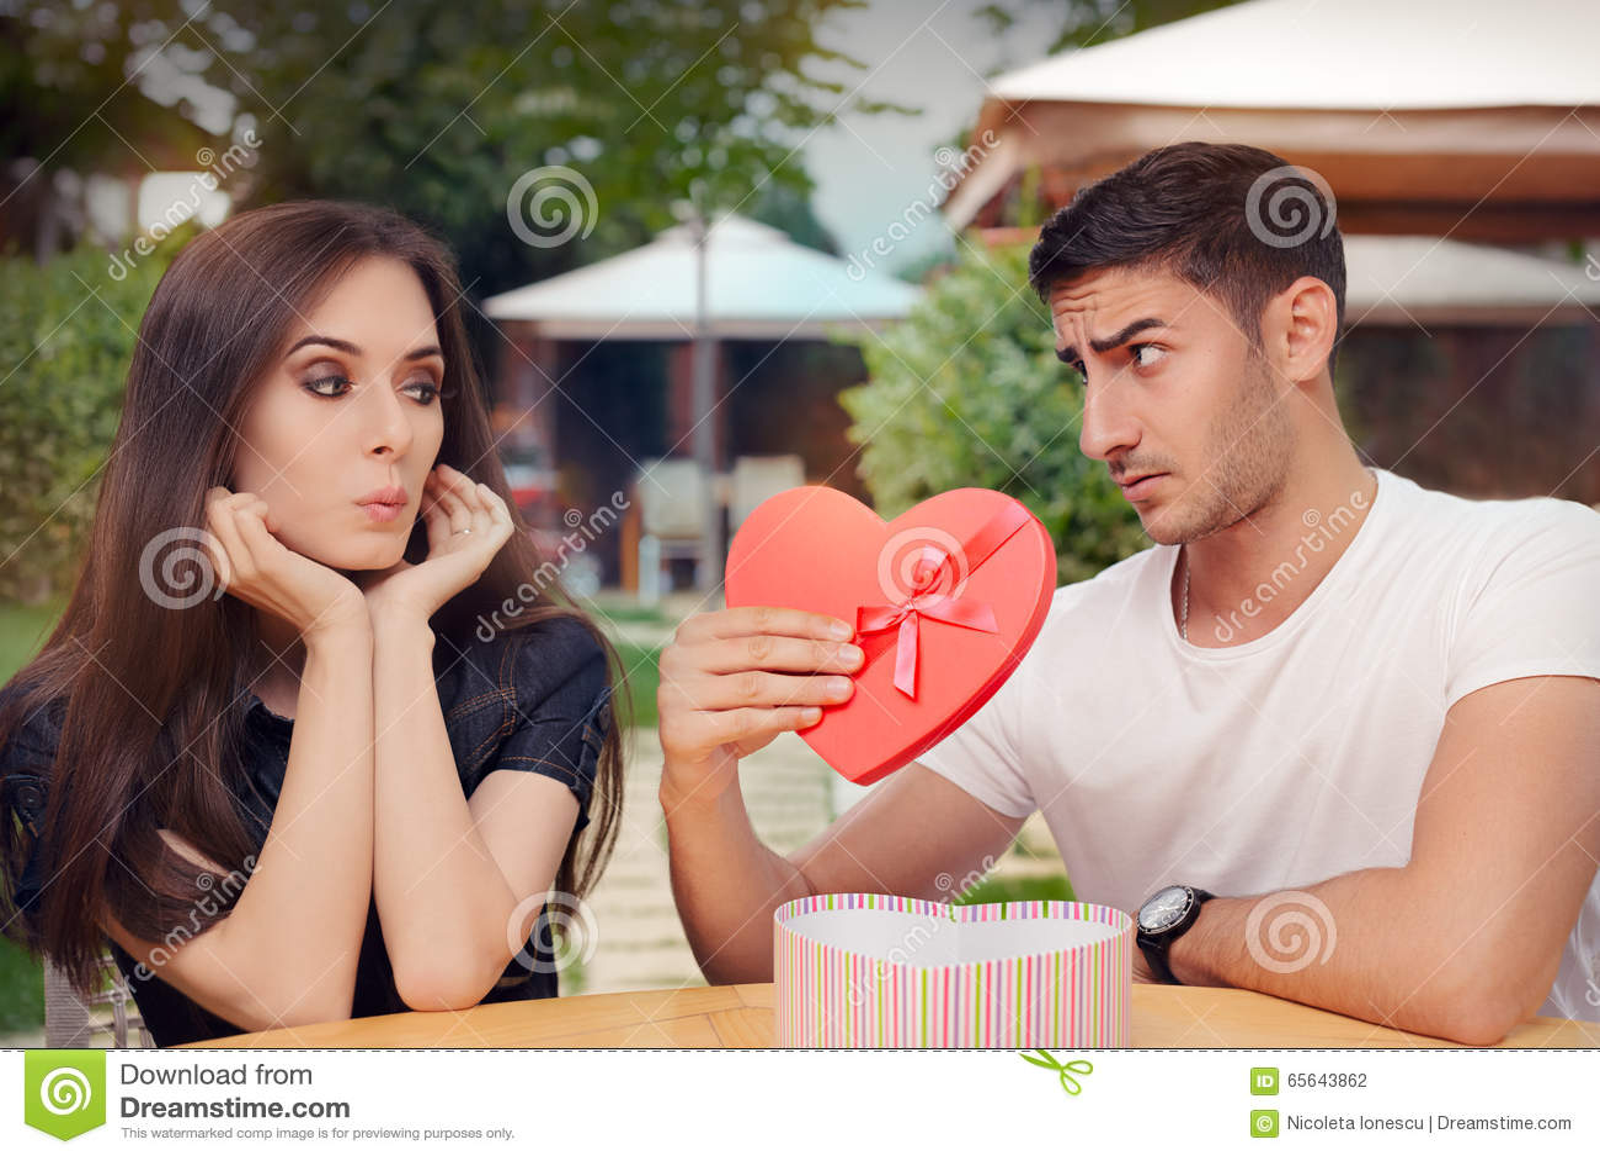 Fille étonnée recevant le cadeau en forme de coeur de son ami